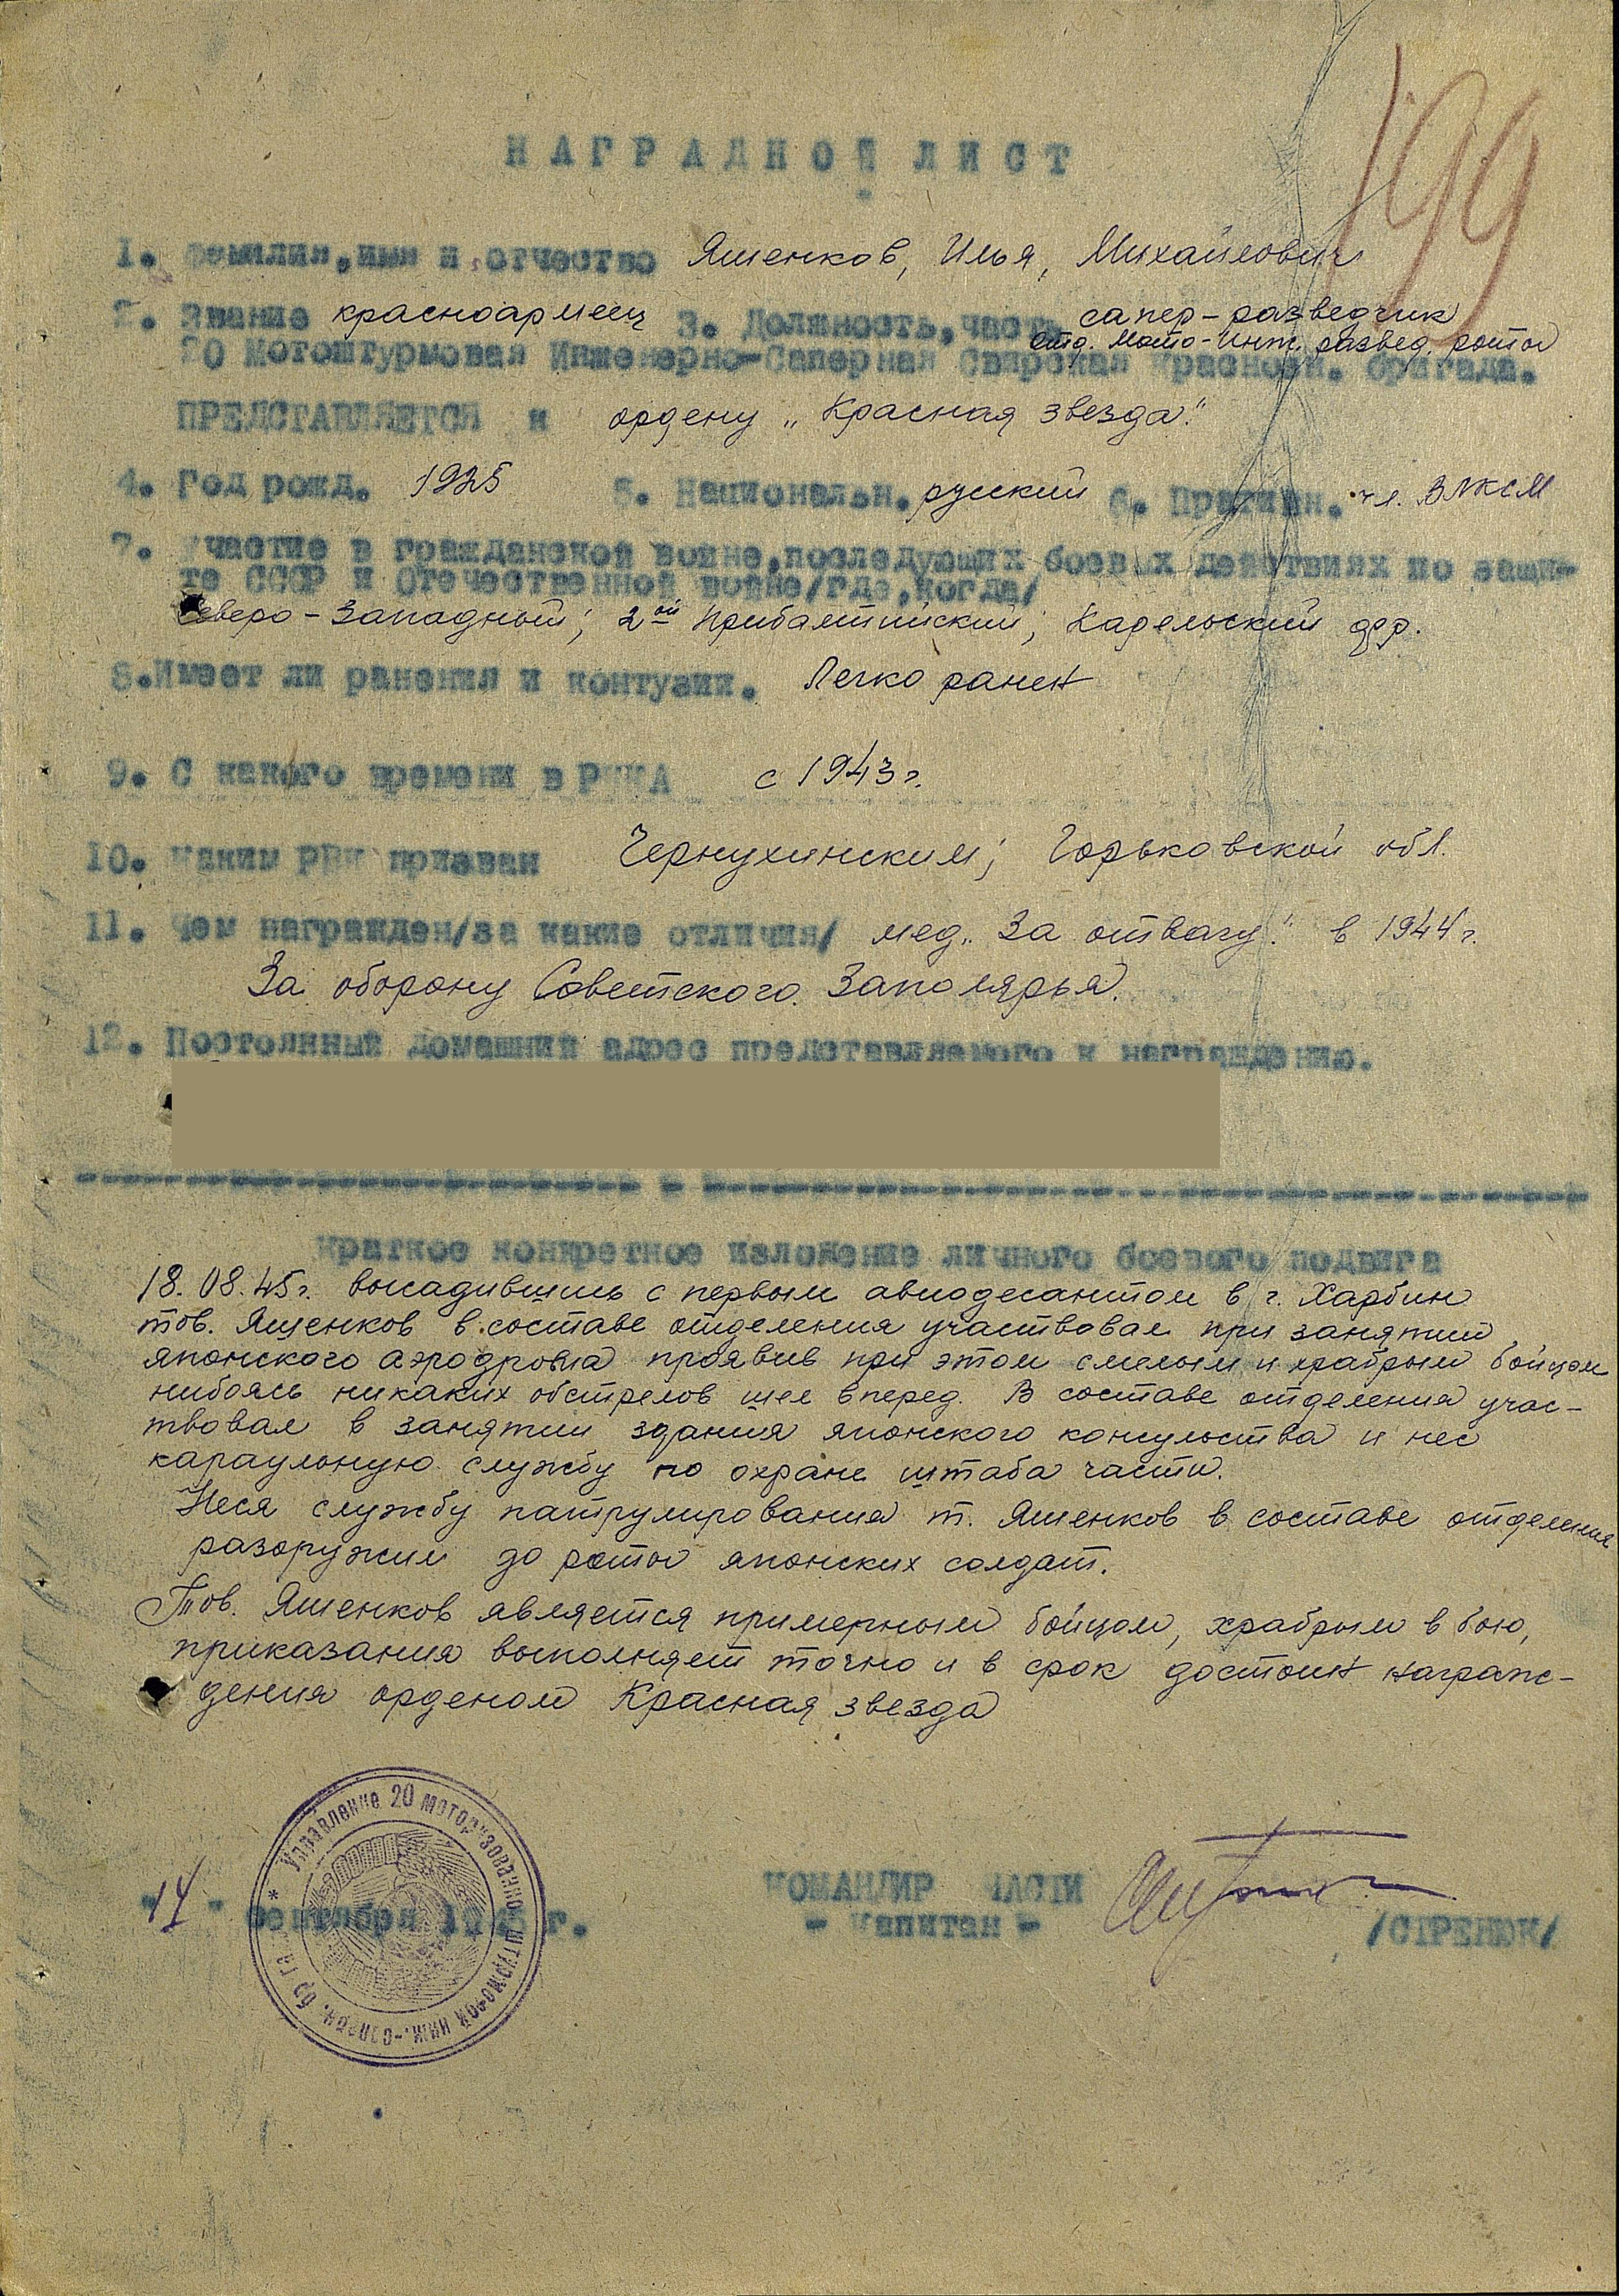 Наградной лист Яшенкова Ильи Михайловича орденом Красной Звезды